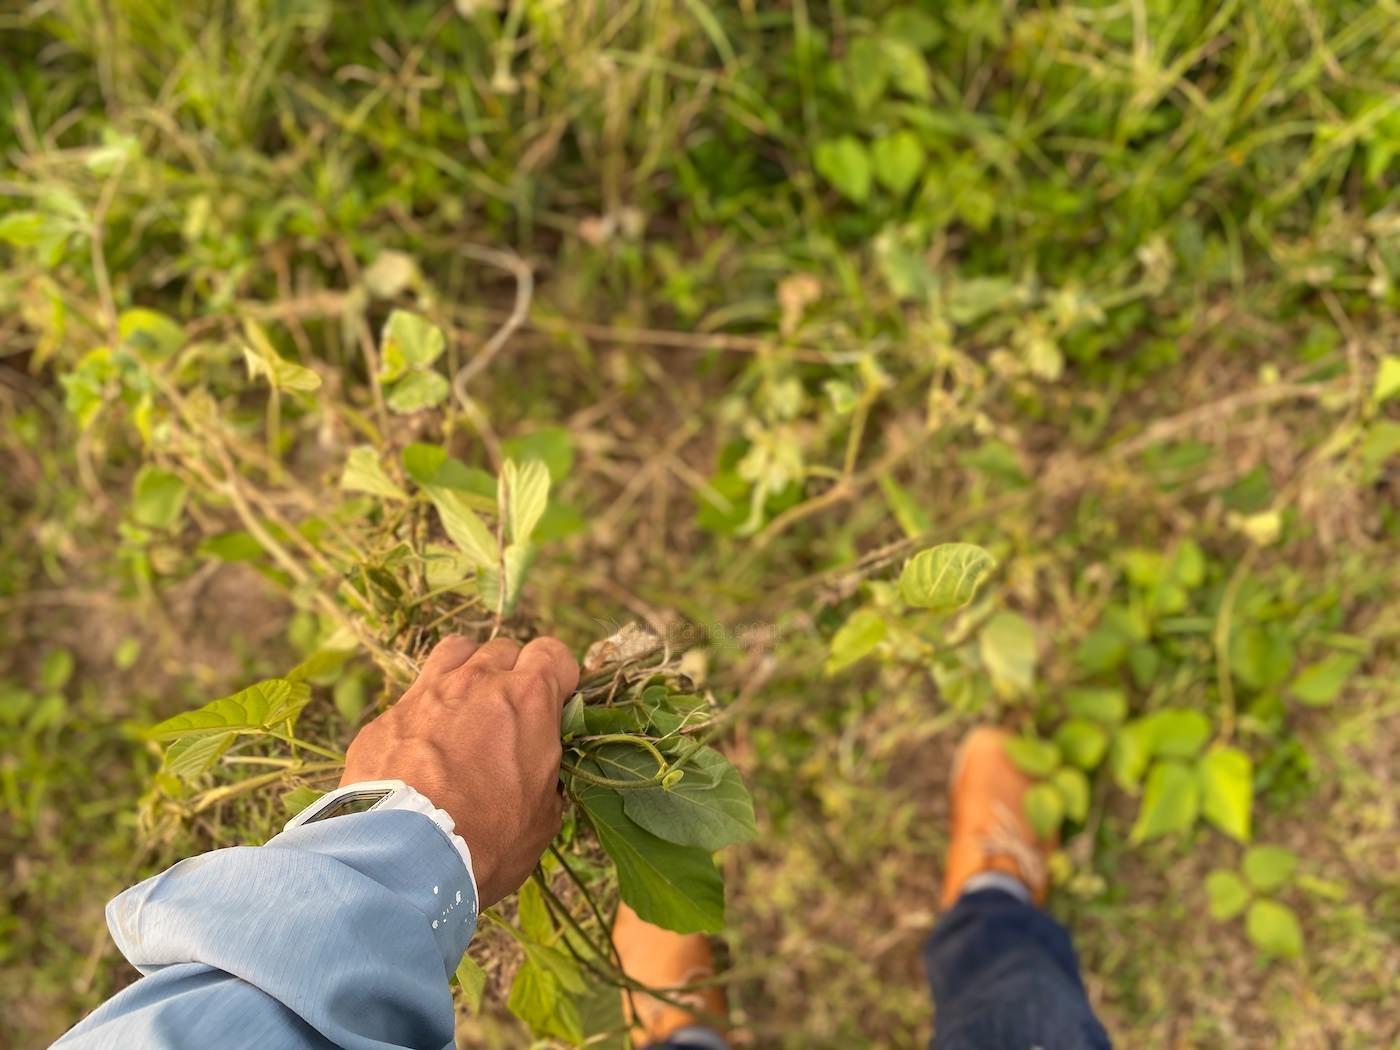 木を植えて、森をつくるために必要なこと